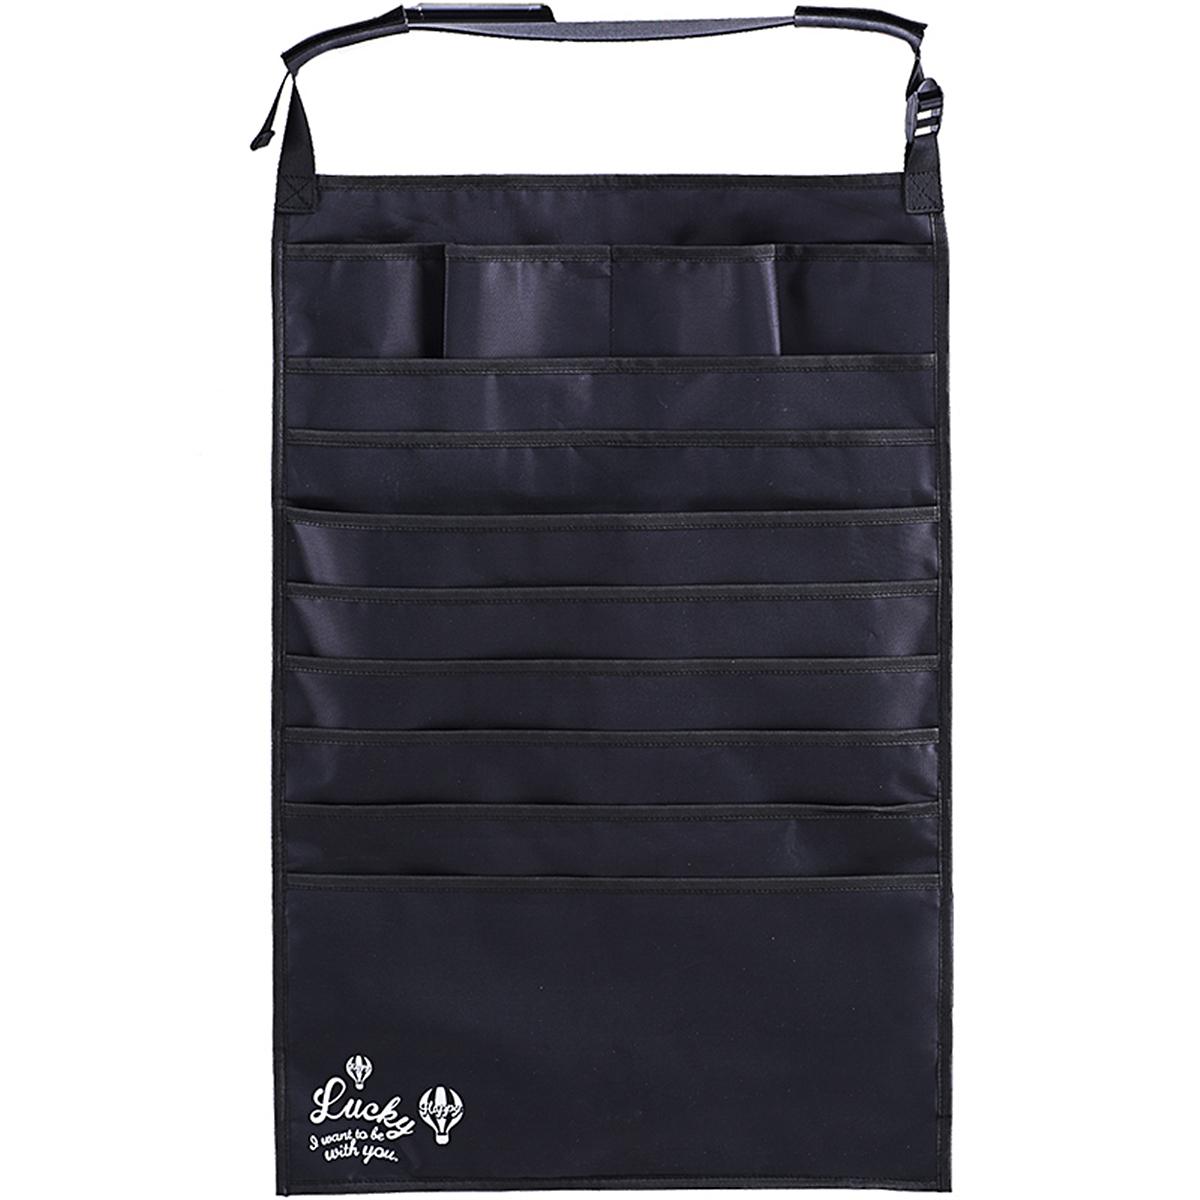 得力72365收纳袋 存储收纳(黑)